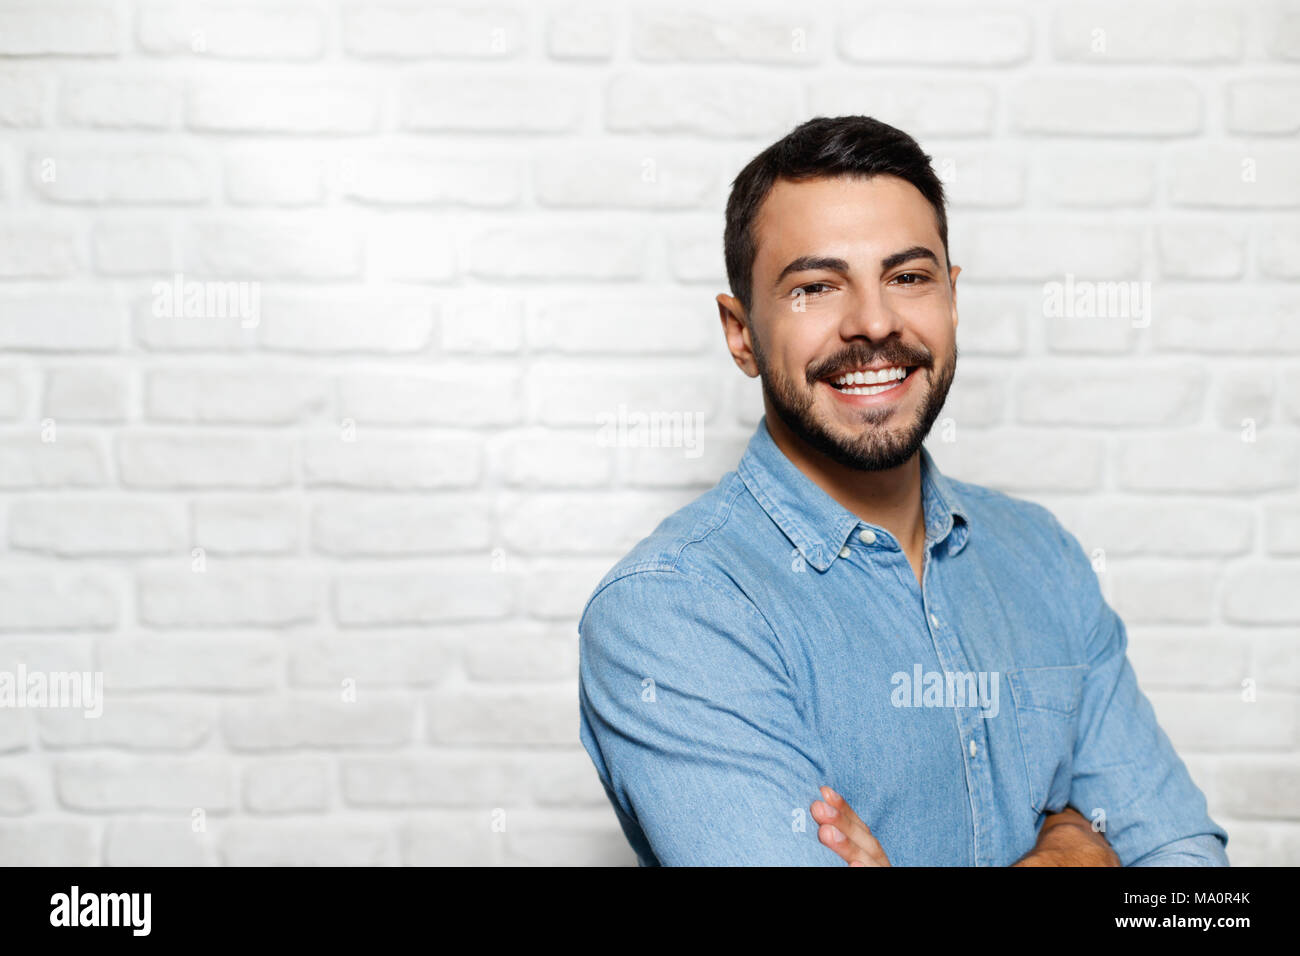 Portrait von glücklichen italienischen Mann lächelnd gegen weiße Wand als Hintergrund und Kamera. Stockbild